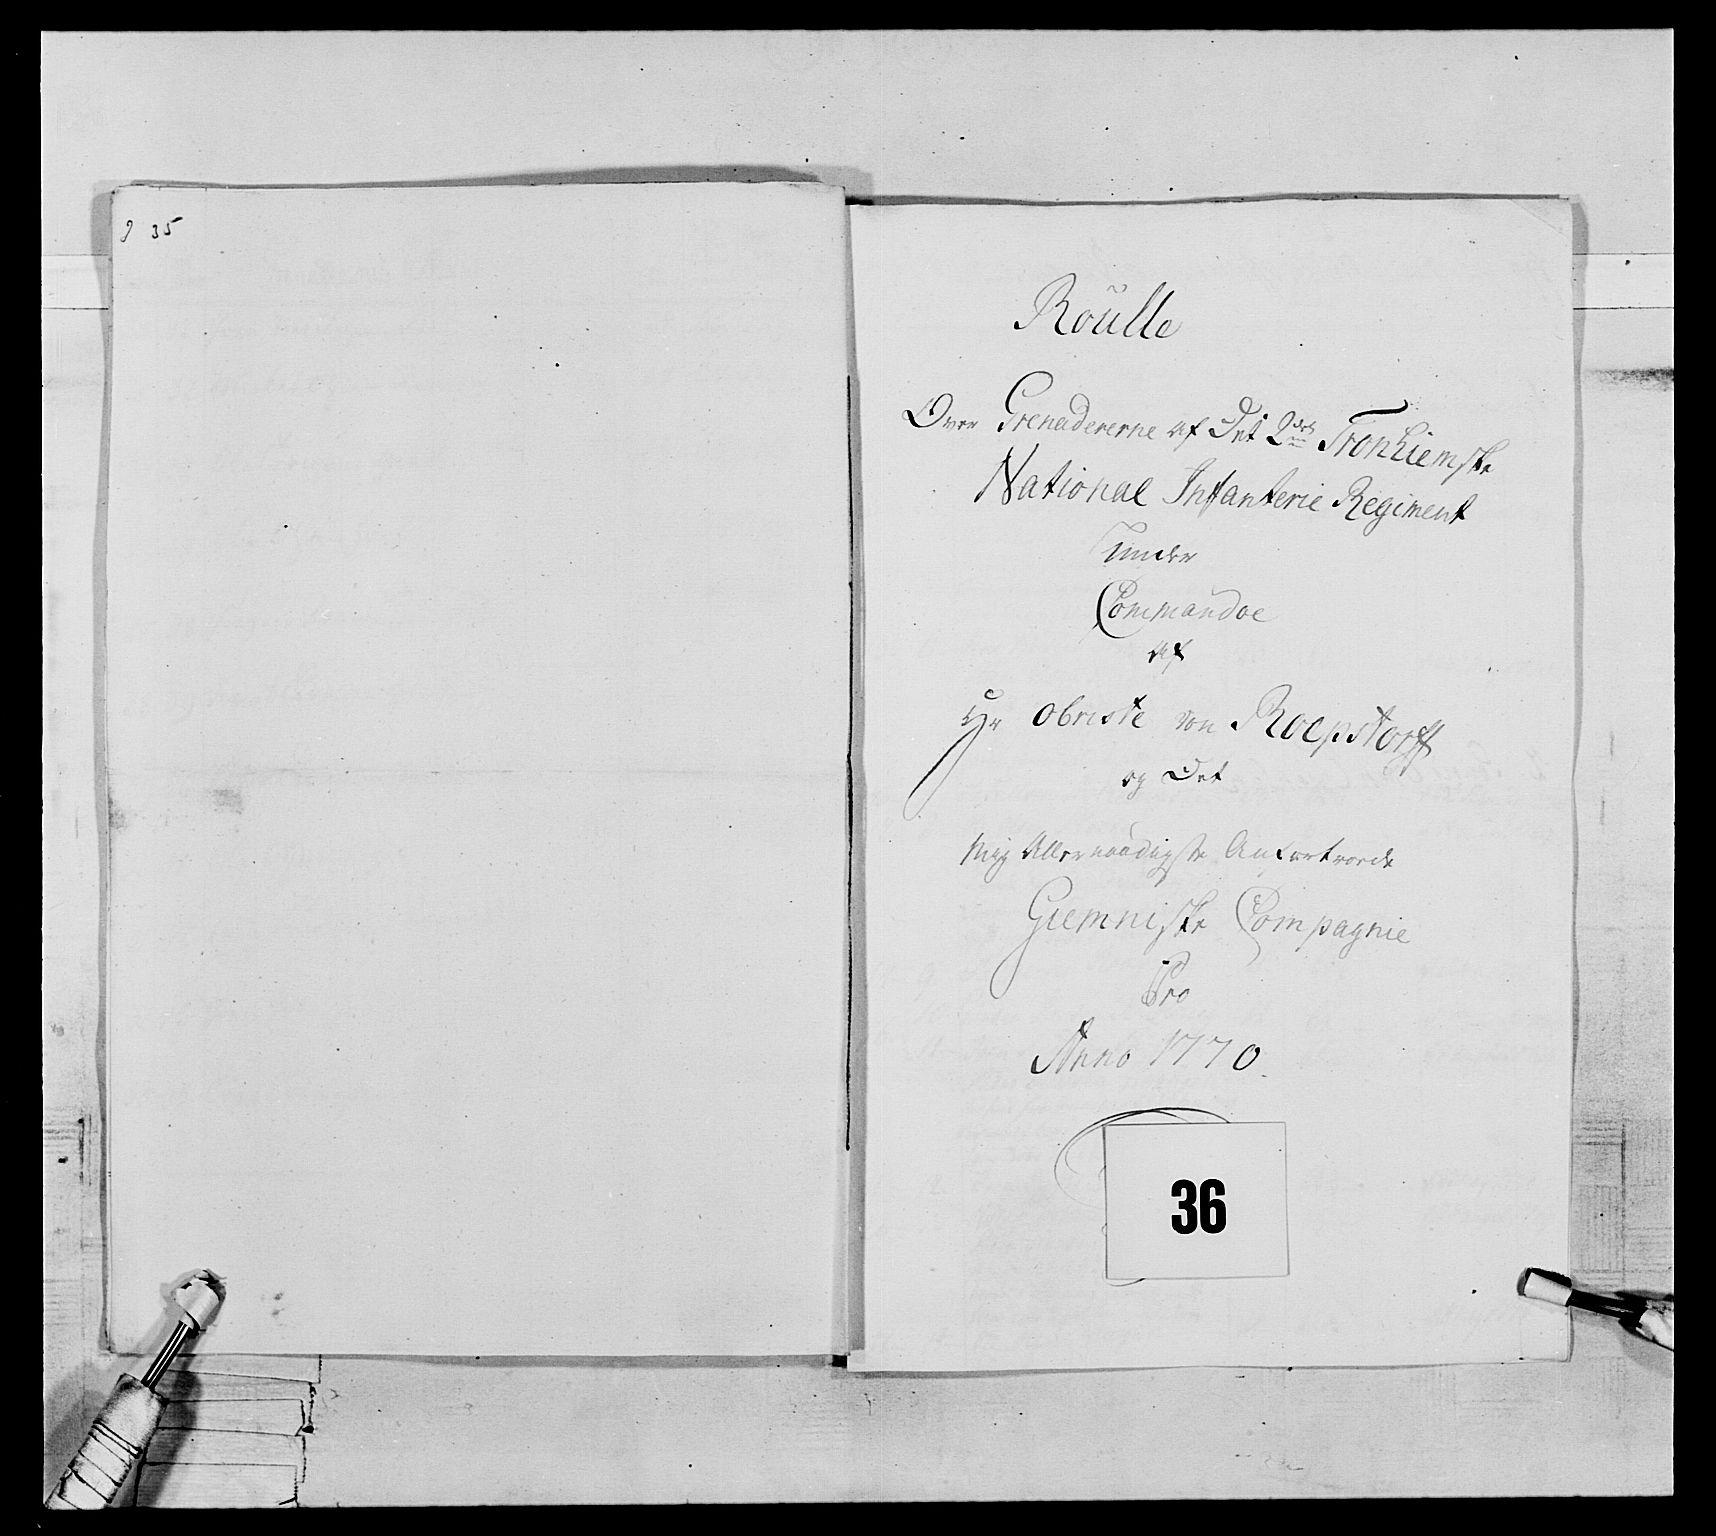 RA, Generalitets- og kommissariatskollegiet, Det kongelige norske kommissariatskollegium, E/Eh/L0076: 2. Trondheimske nasjonale infanteriregiment, 1766-1773, s. 109